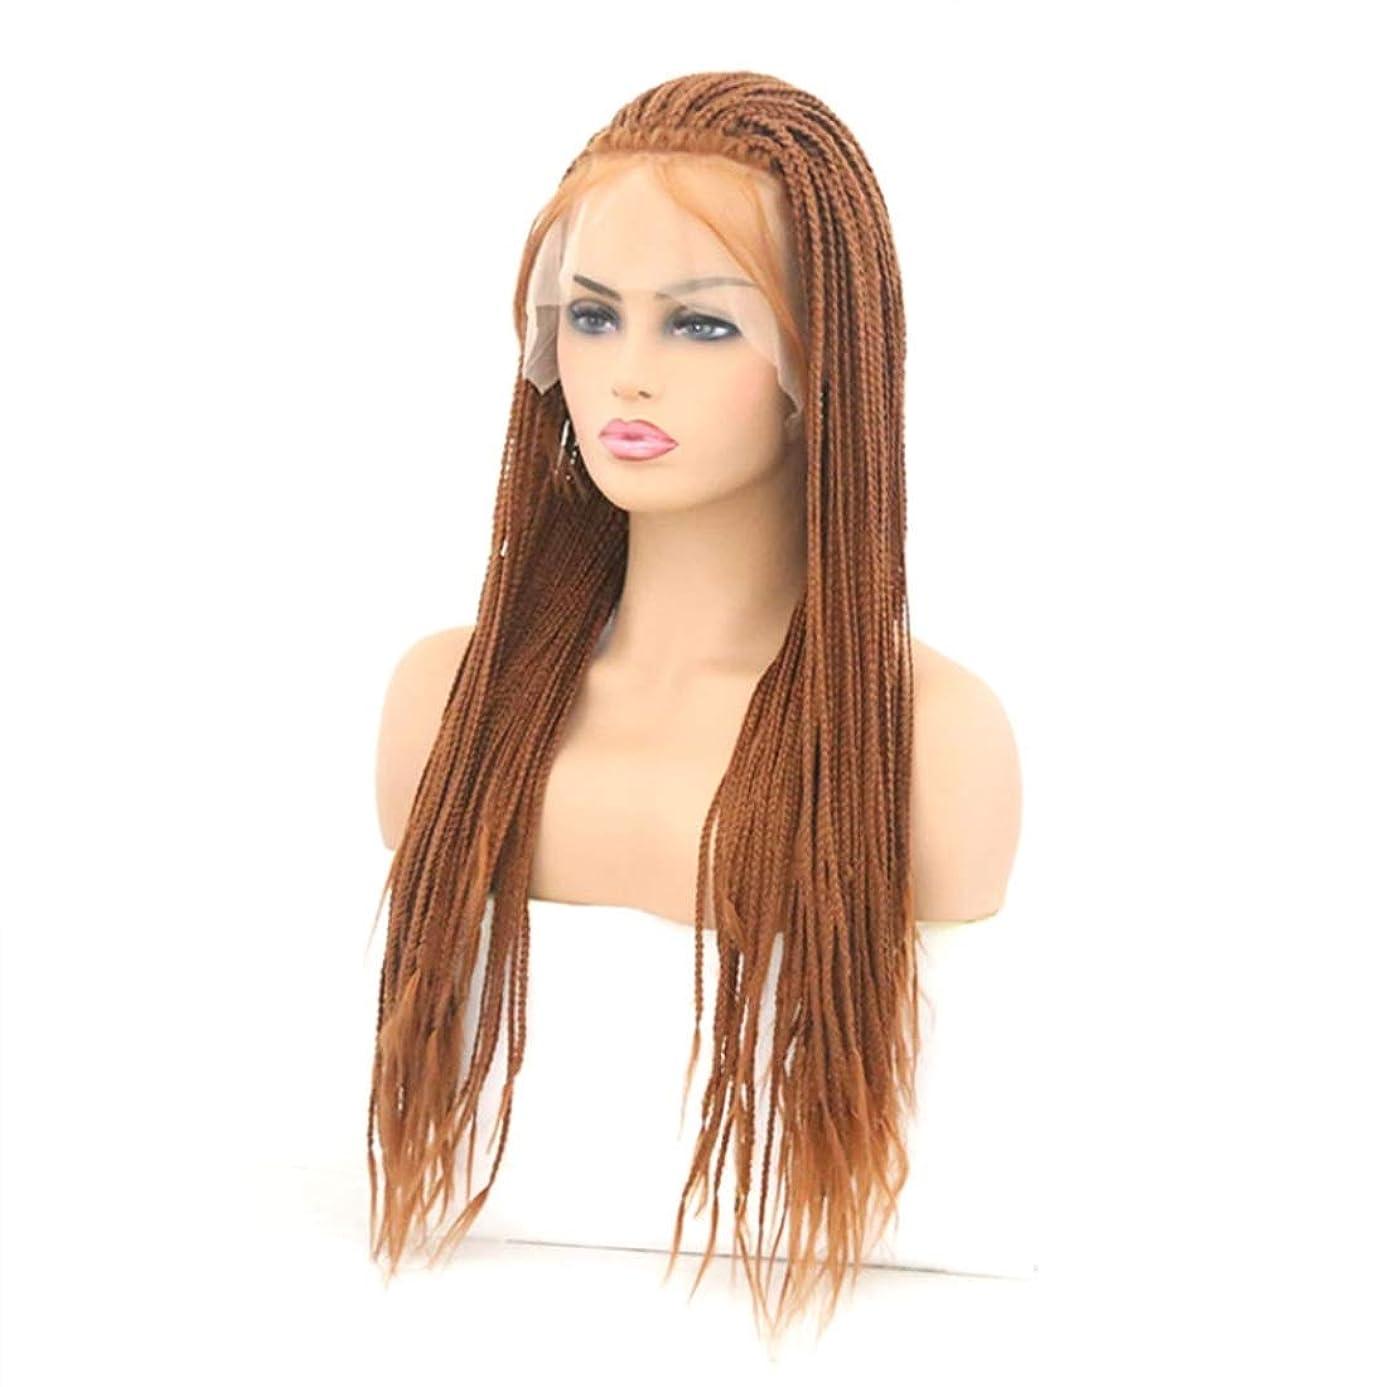 旅行主に説明Summerys かつら女性のための傾斜前髪ショートカーリーヘアーワインレッド高温シルクウィッグ